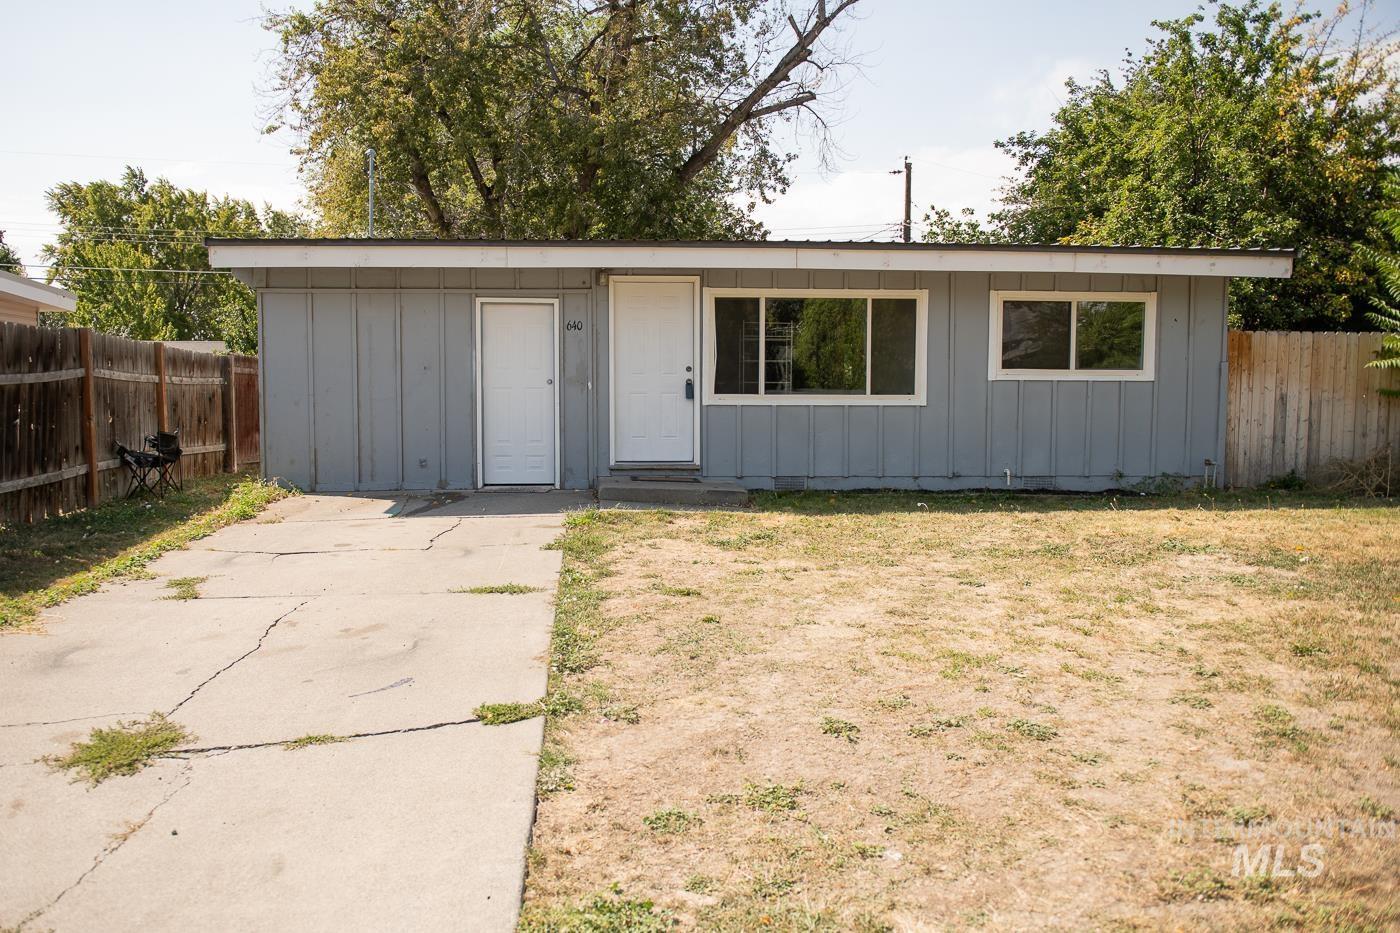 640 S 13th E Property Photo